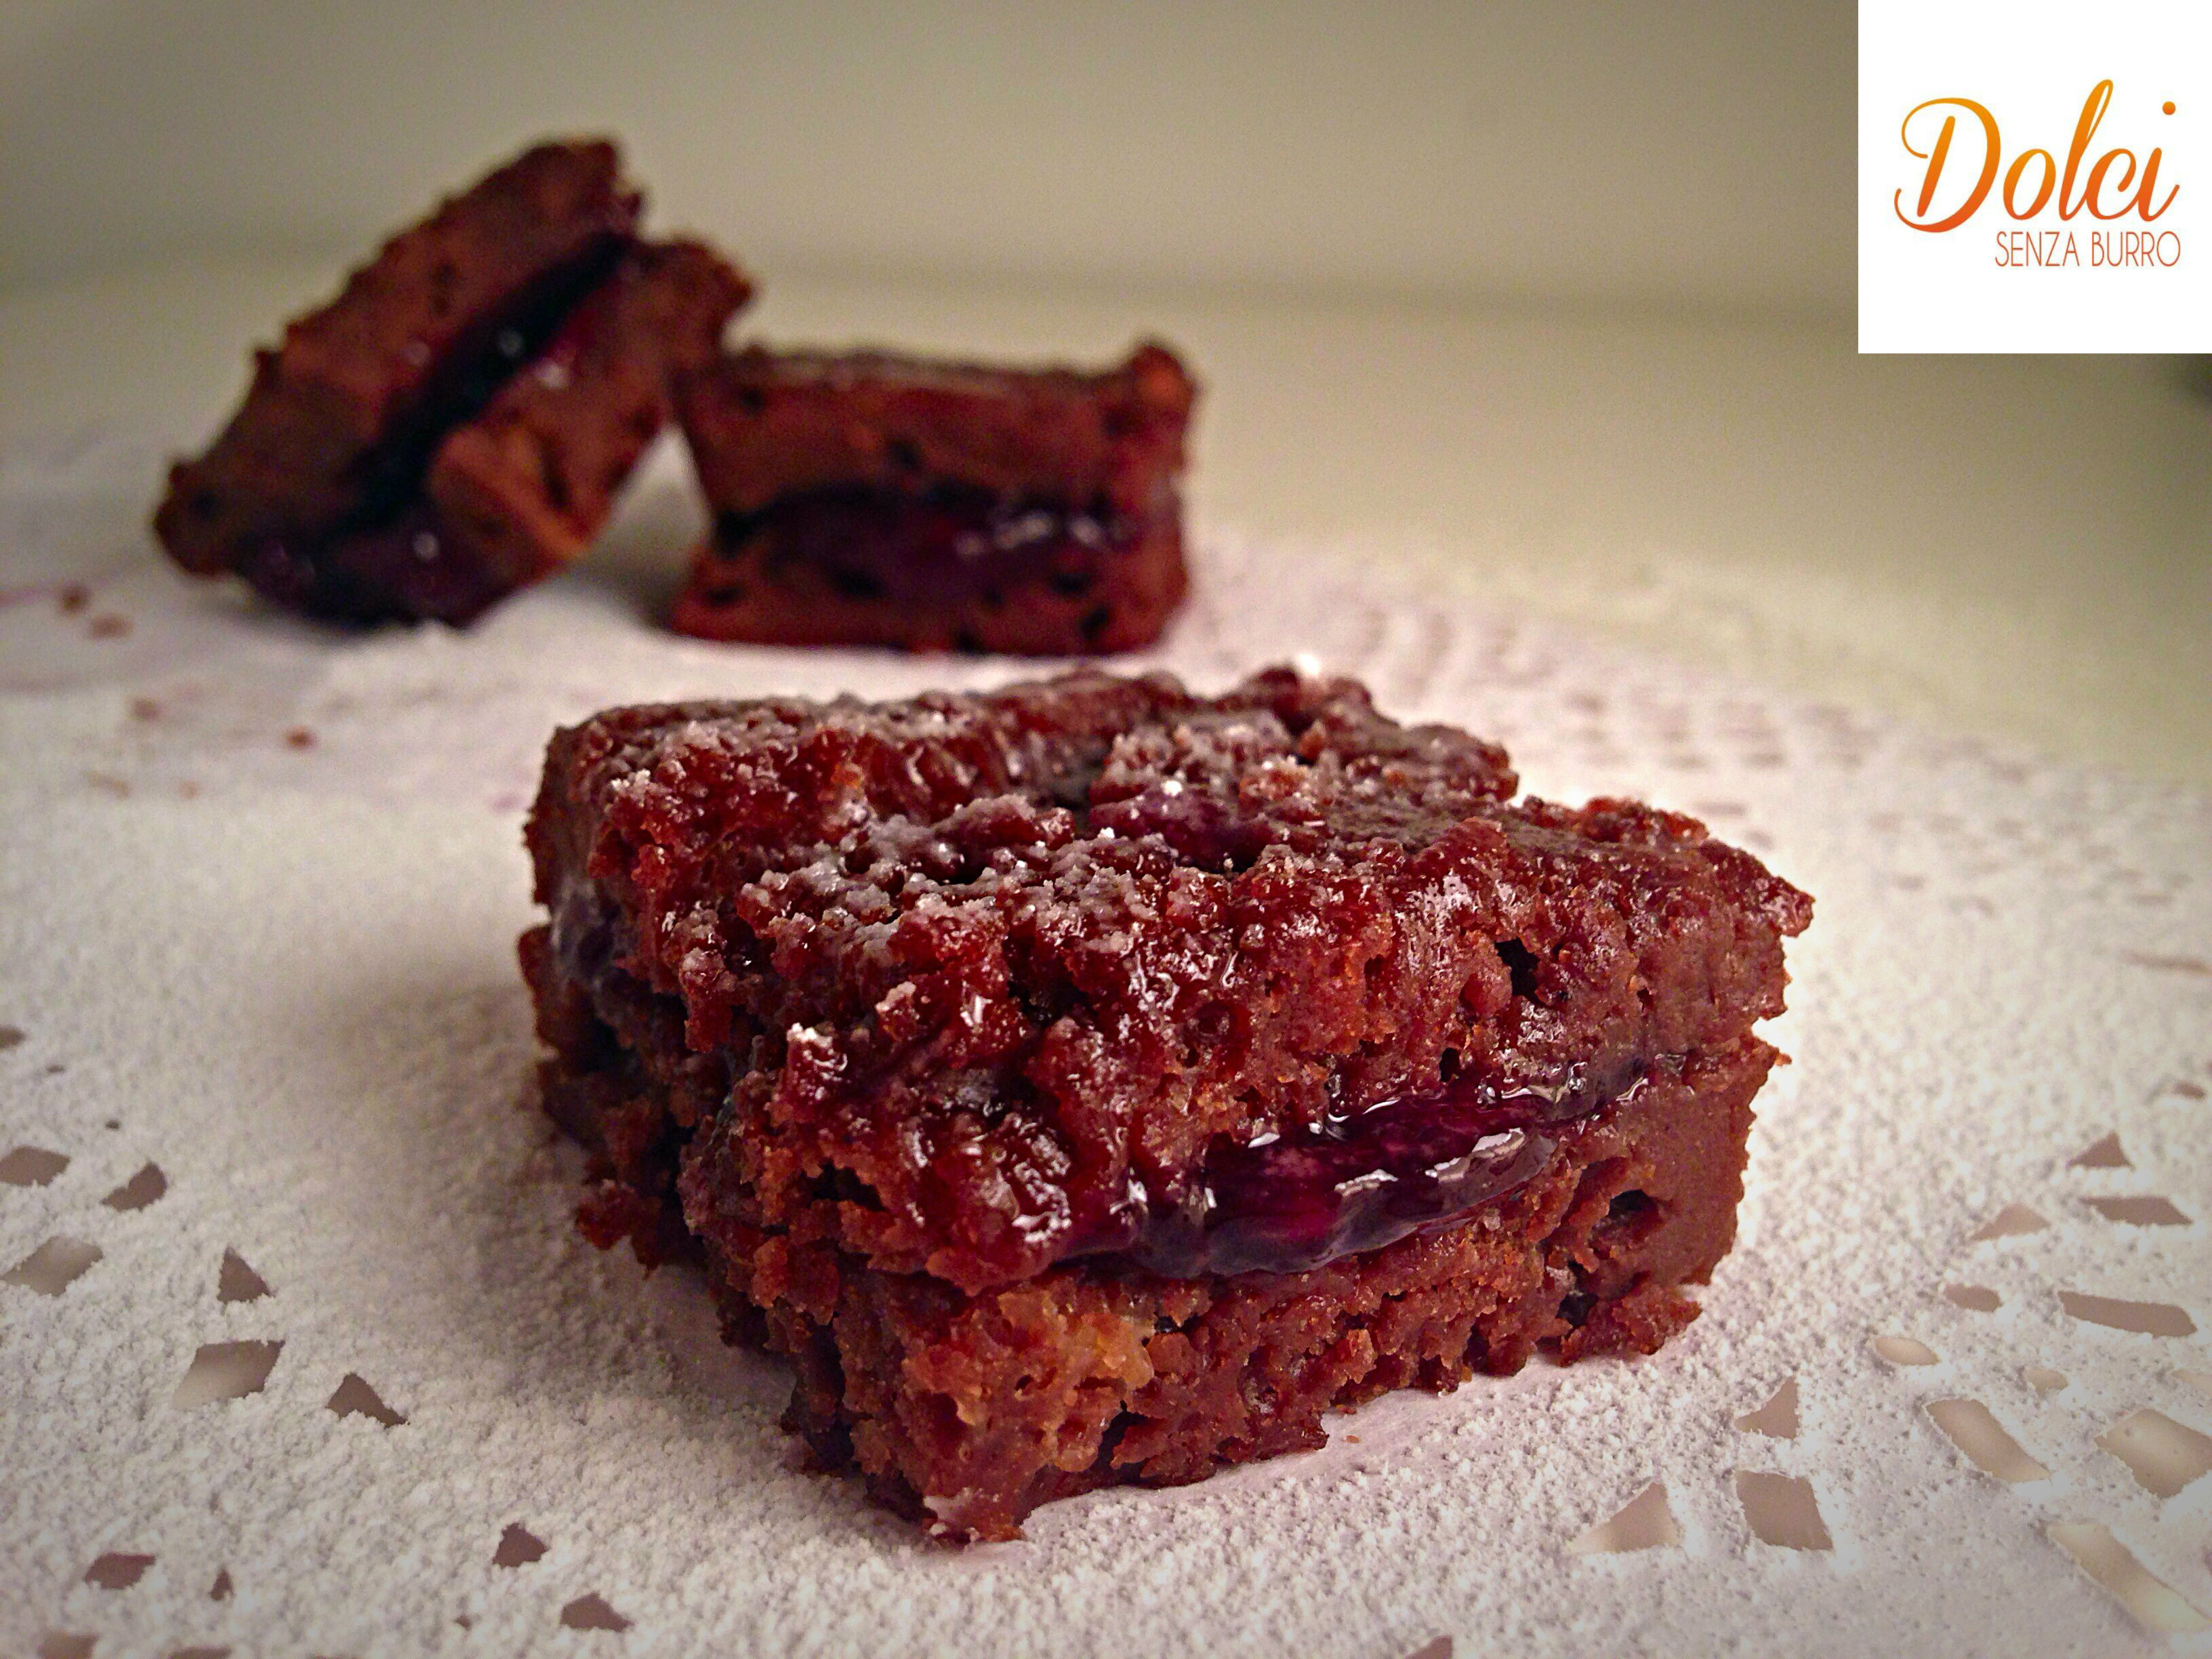 Quadrotti al Cioccolato e Frutti di Bosco Senza Burro Senza Burro, il dolce goloso di dolci senza burro